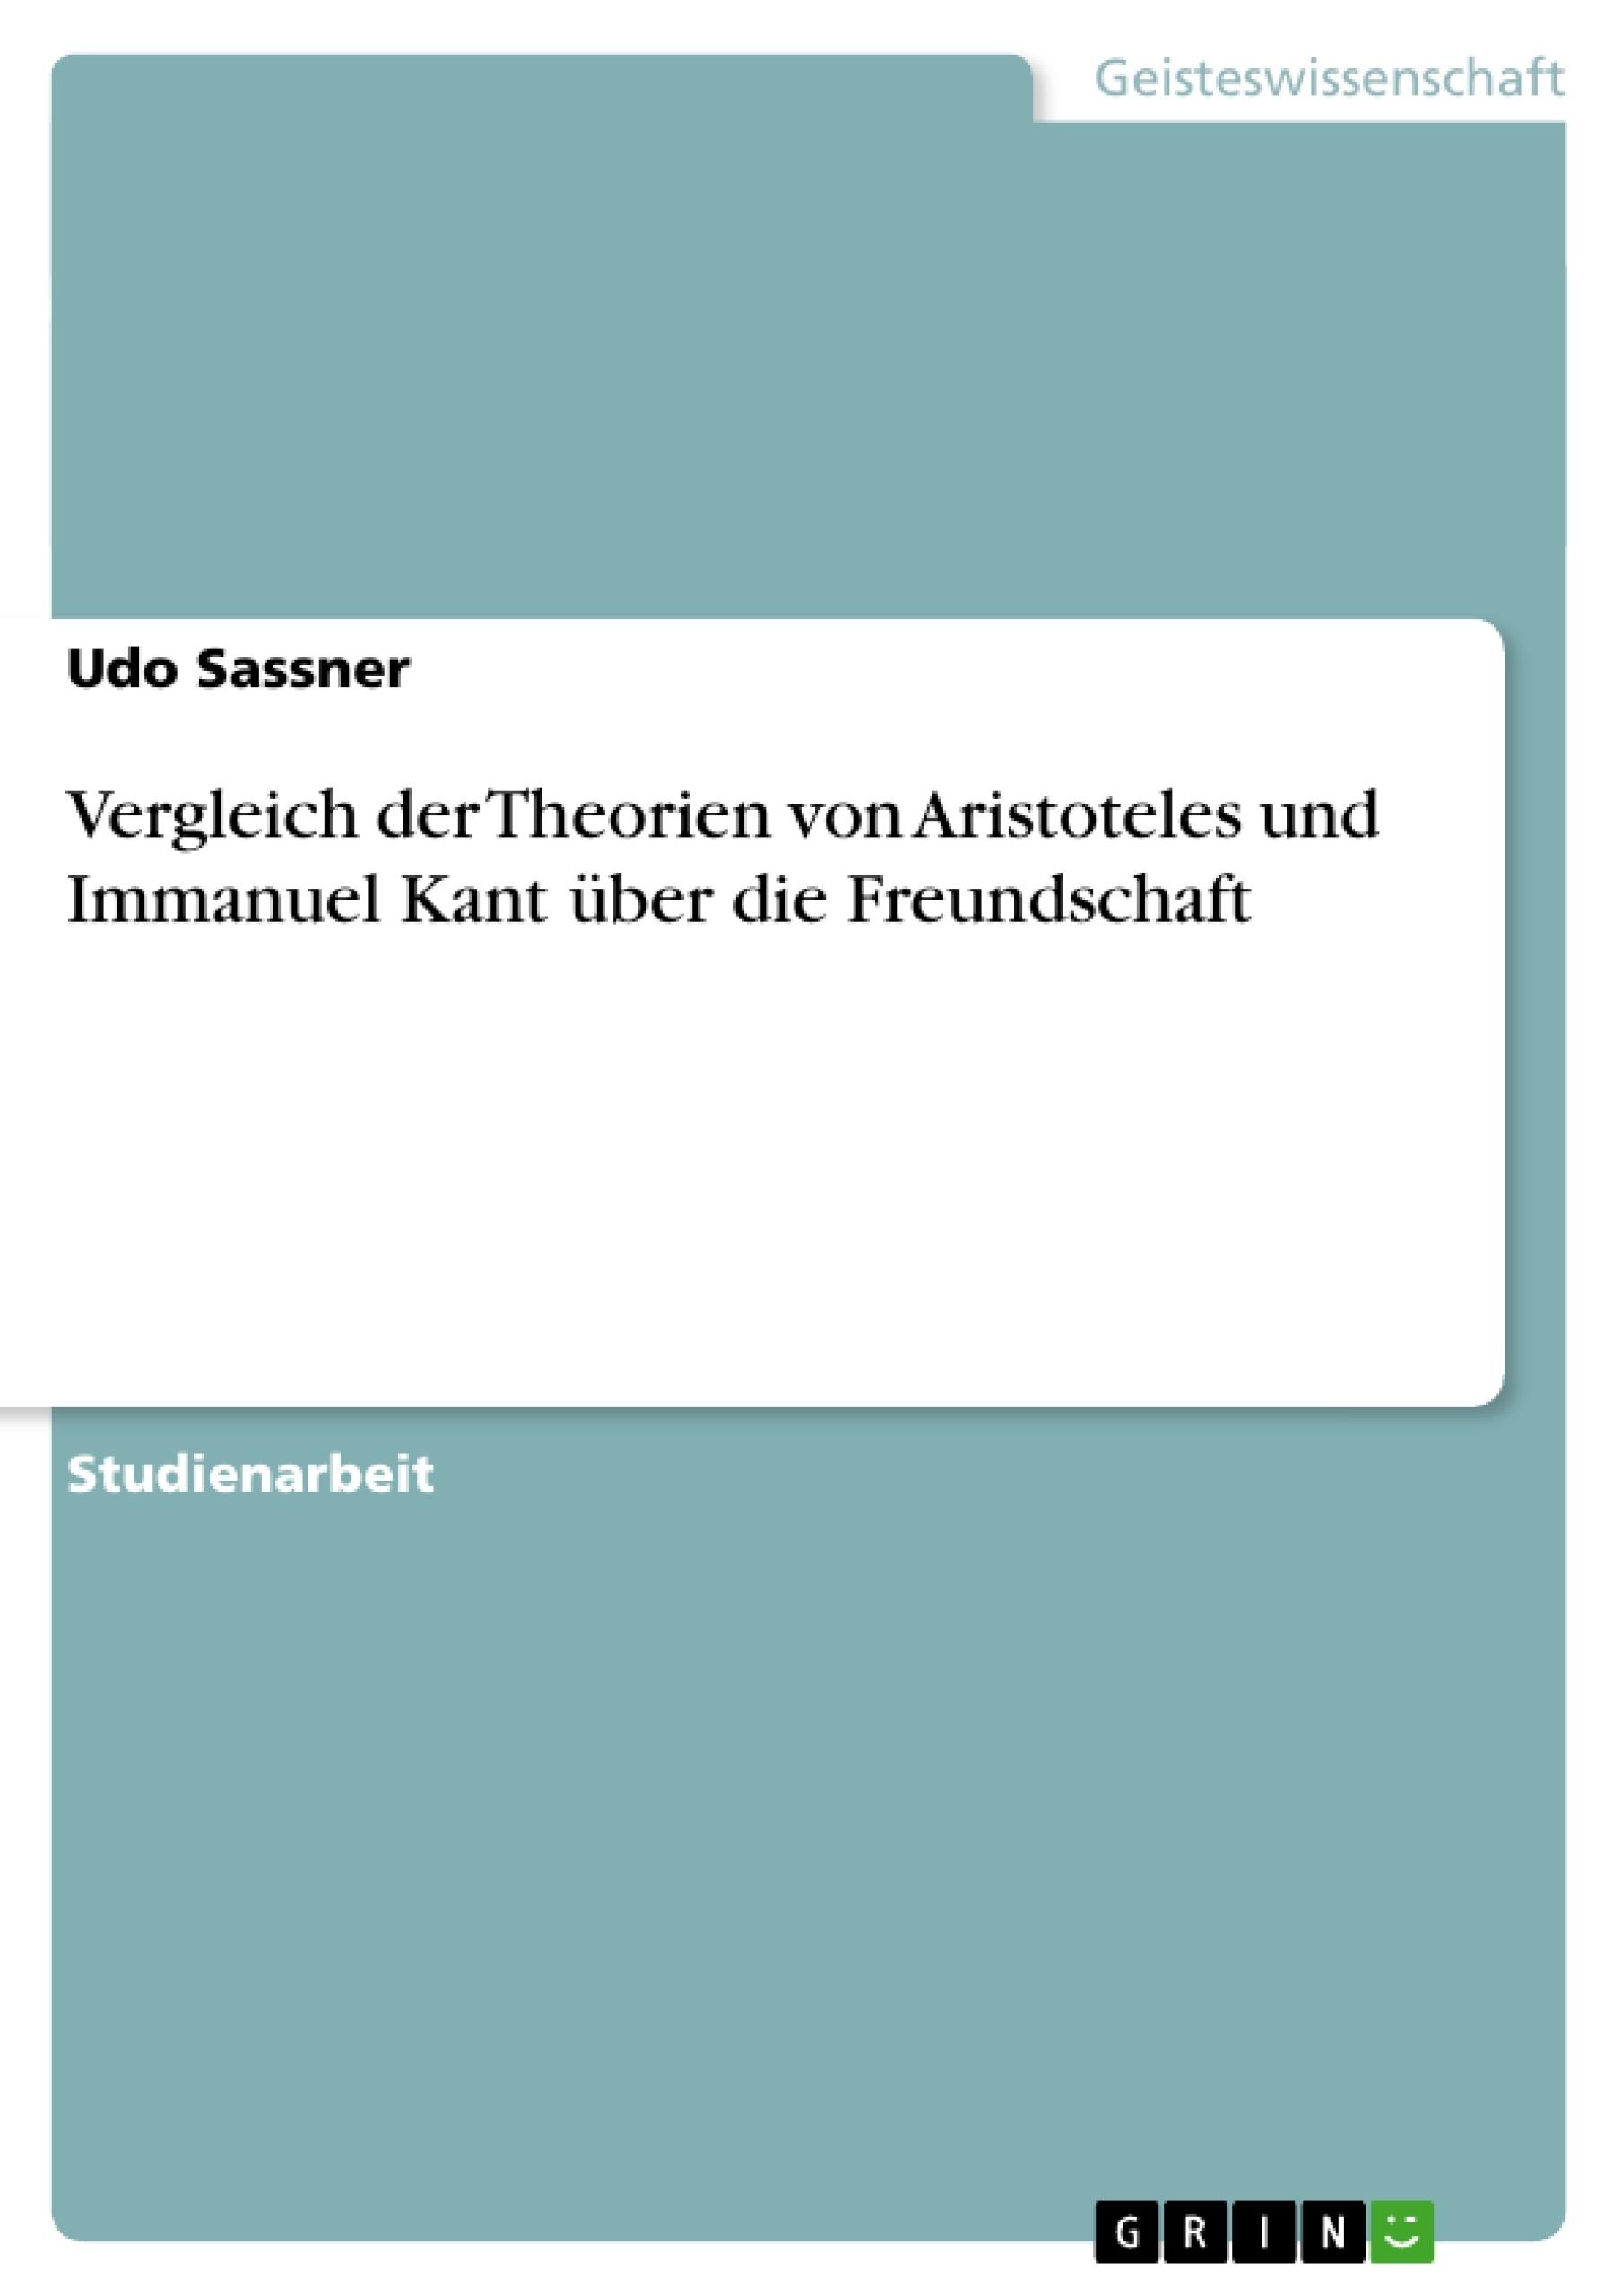 Titel: Vergleich der Theorien von Aristoteles und Immanuel Kant über die Freundschaft